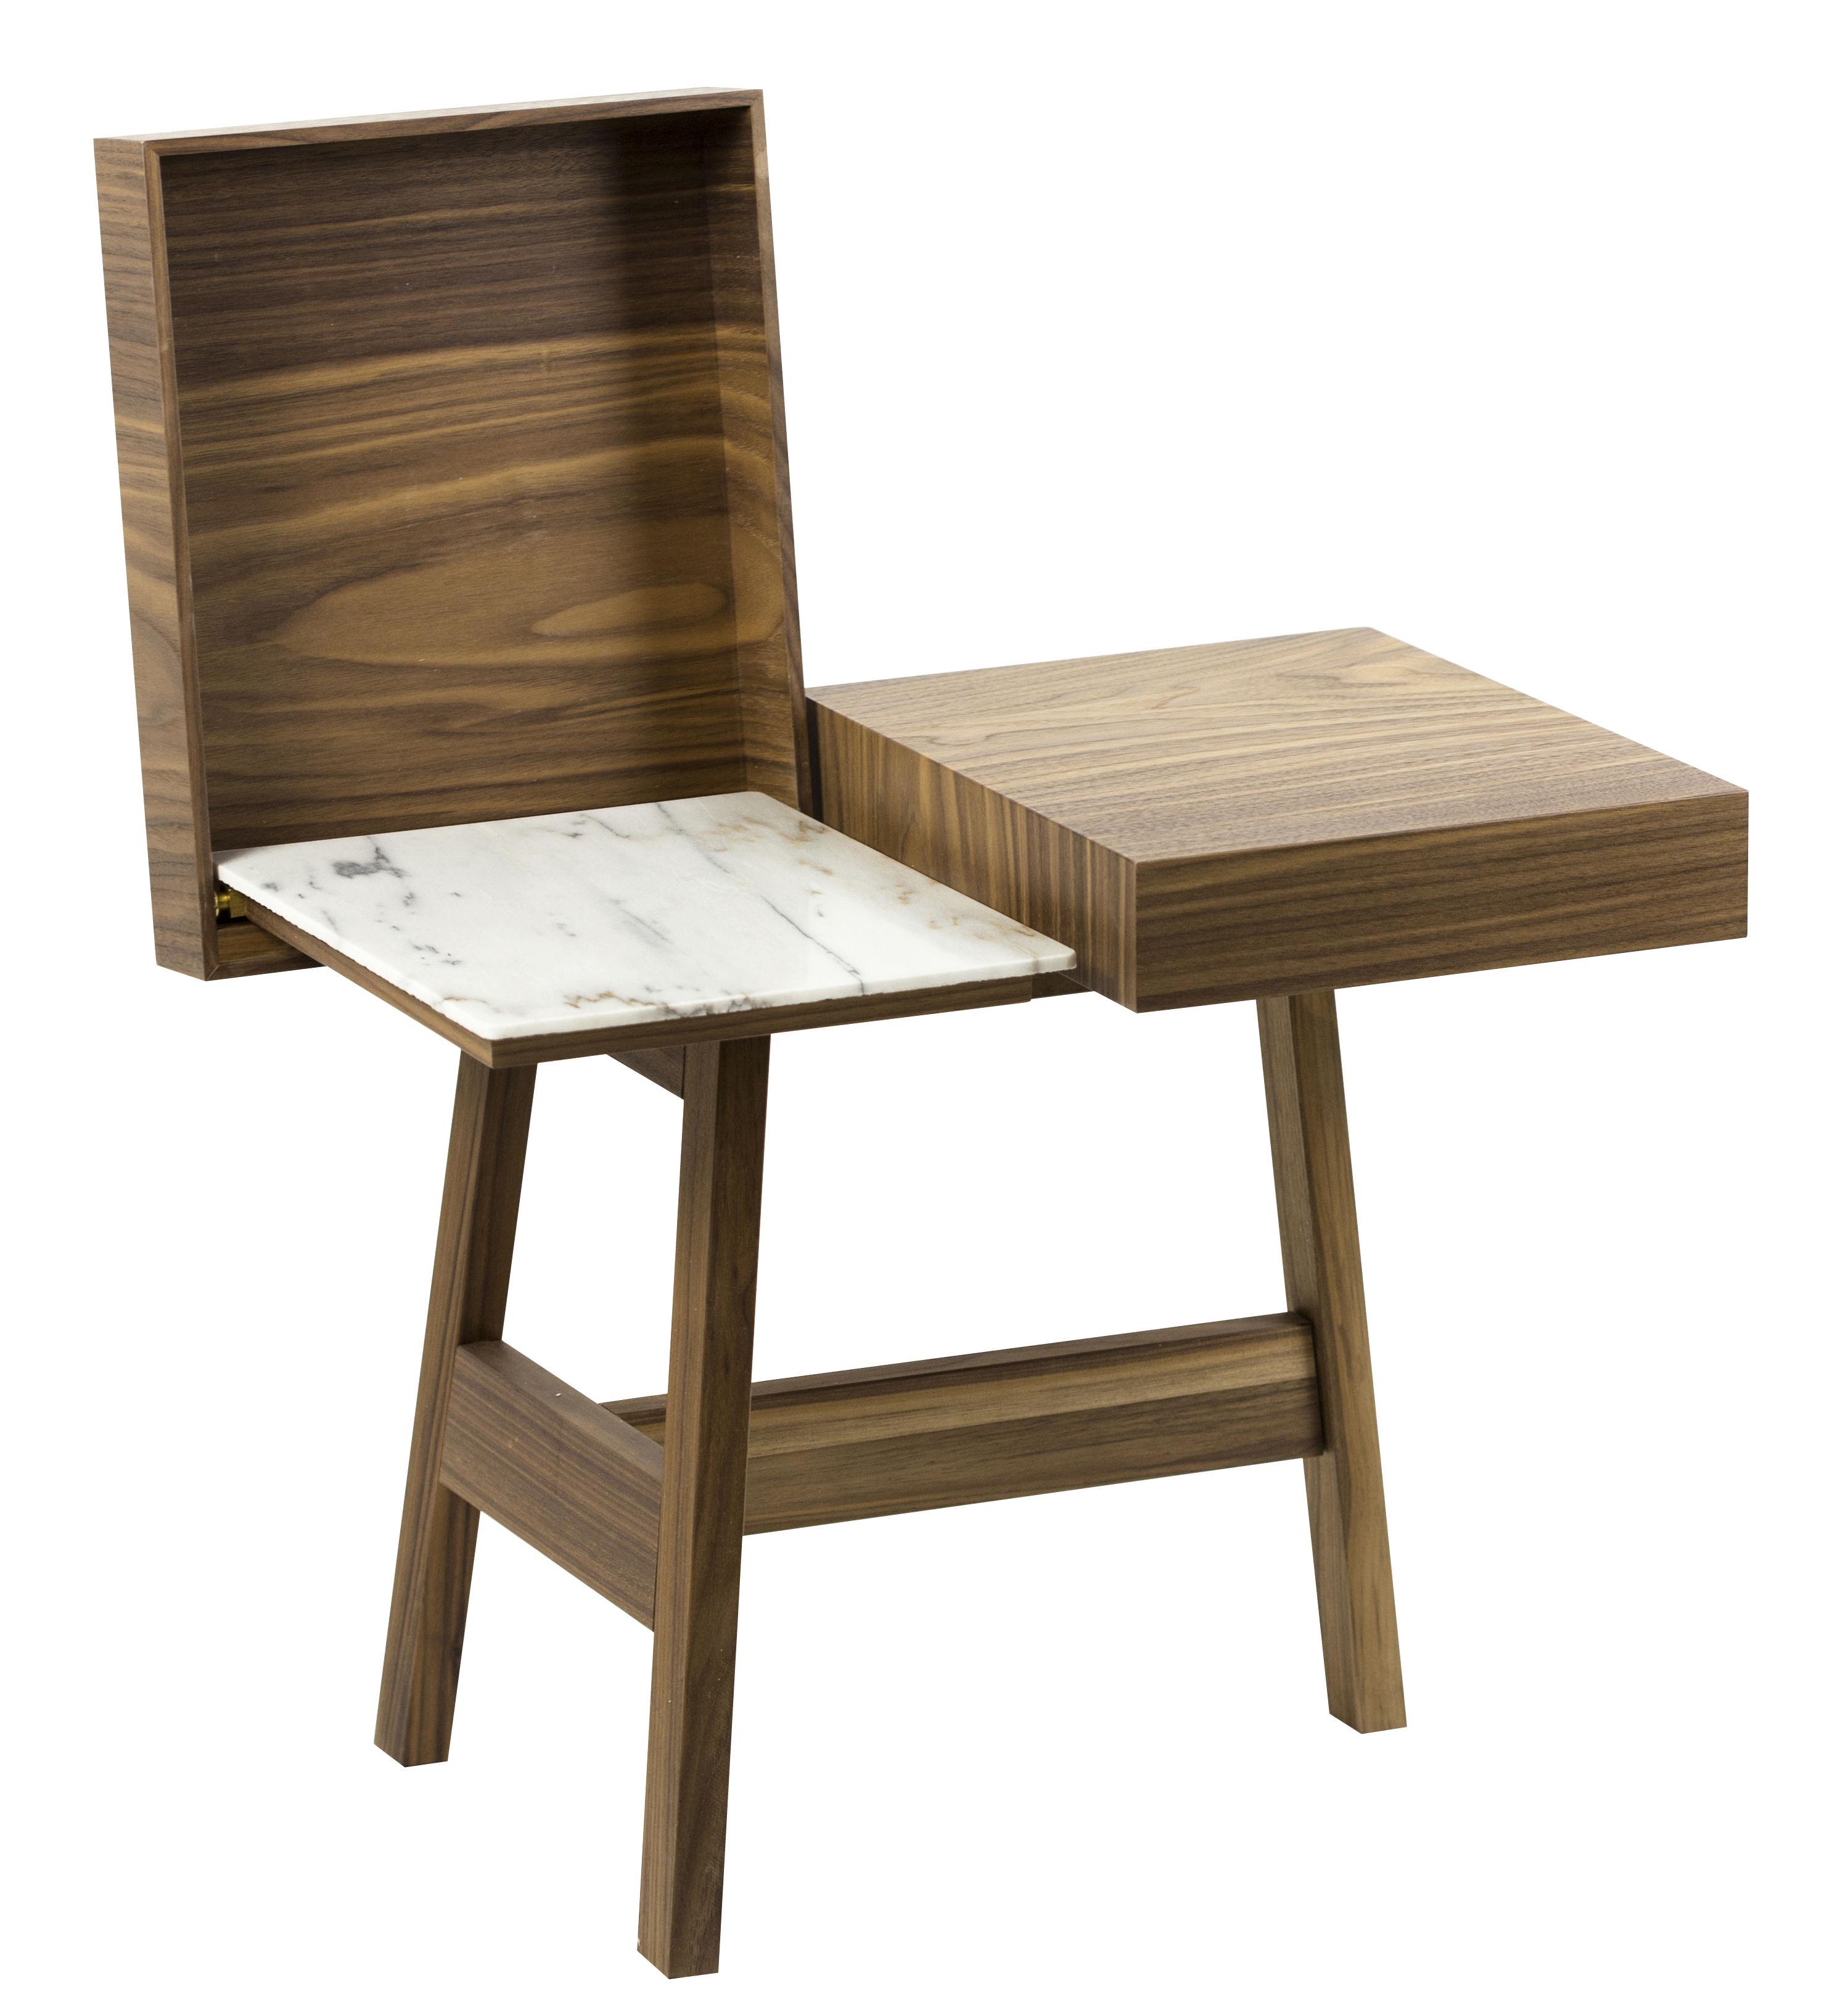 noci beistelltisch nussbaum marmor nussbaum marmor. Black Bedroom Furniture Sets. Home Design Ideas